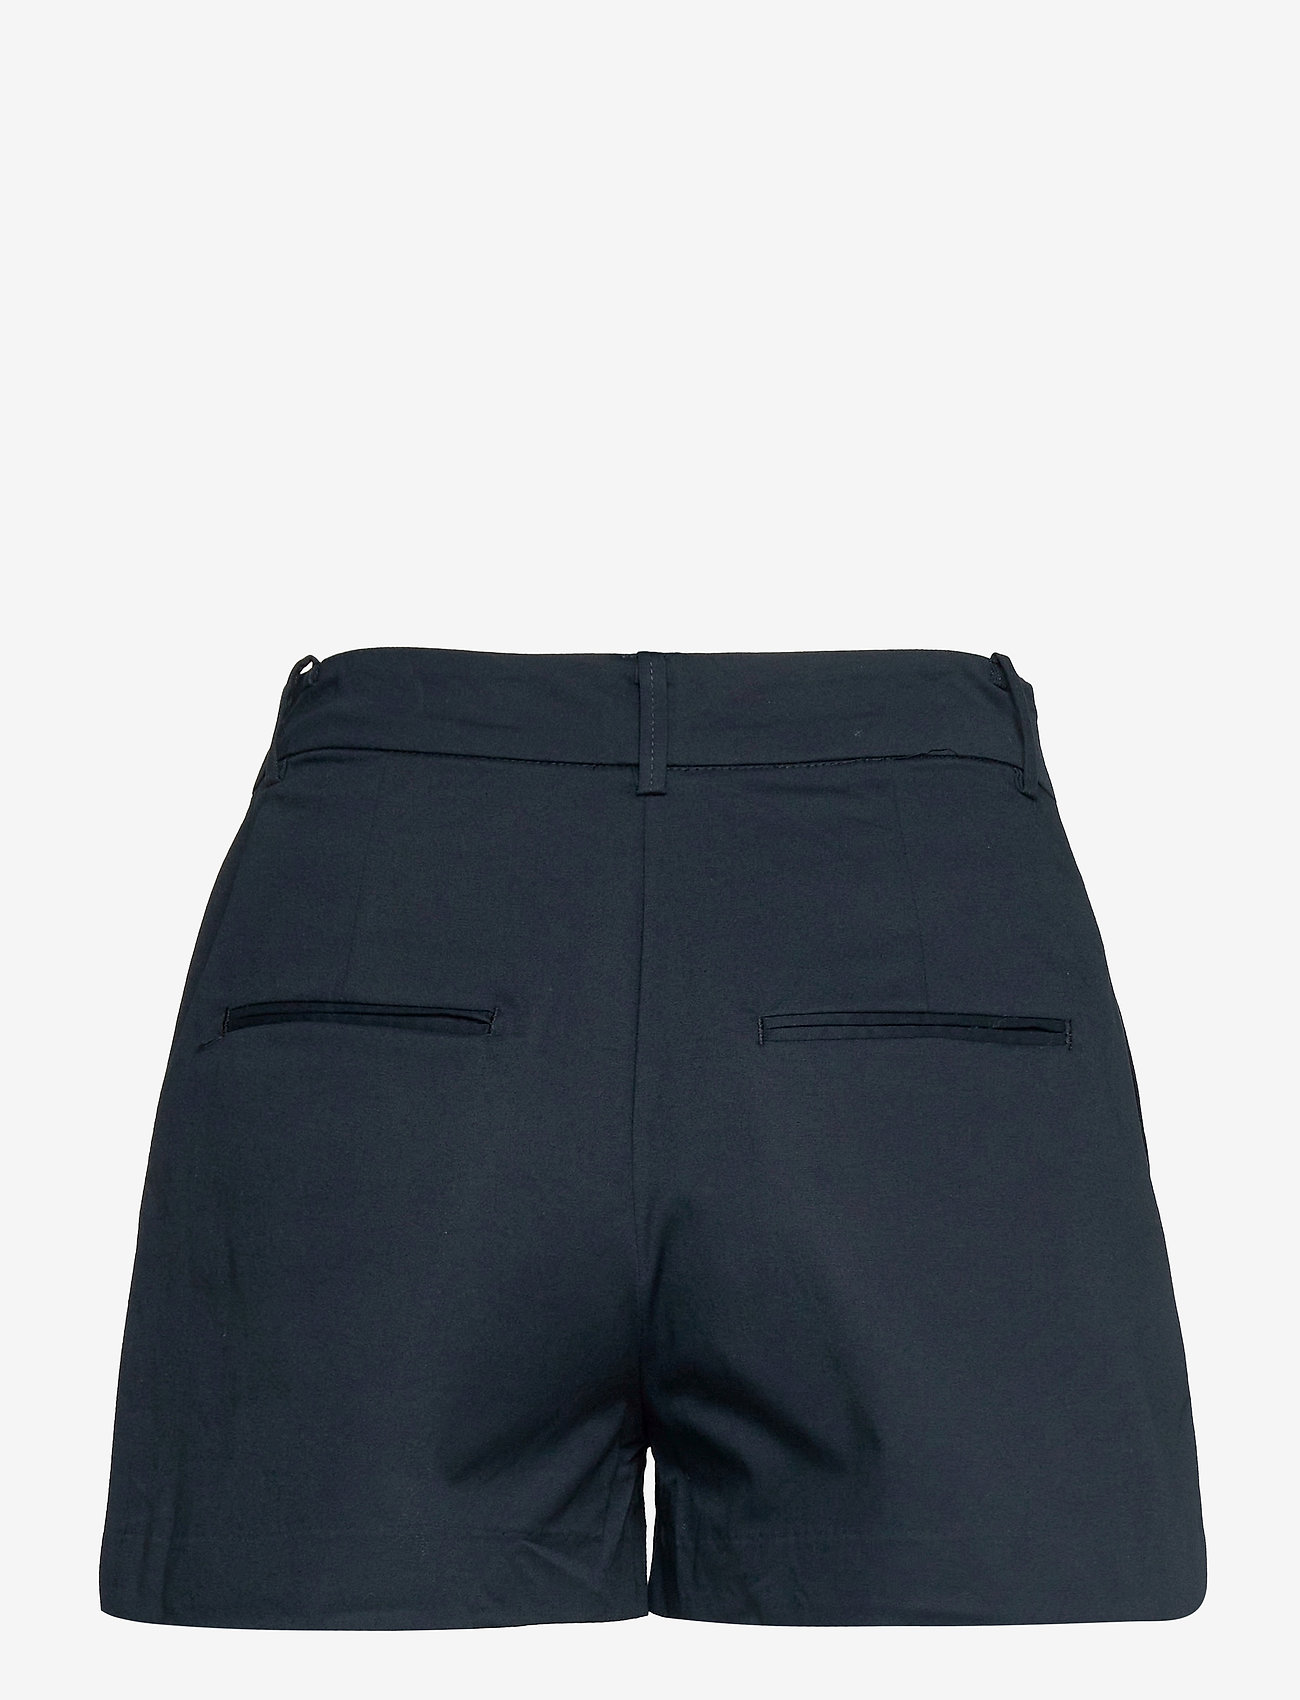 Mango - CHINO - chino shorts - navy - 1